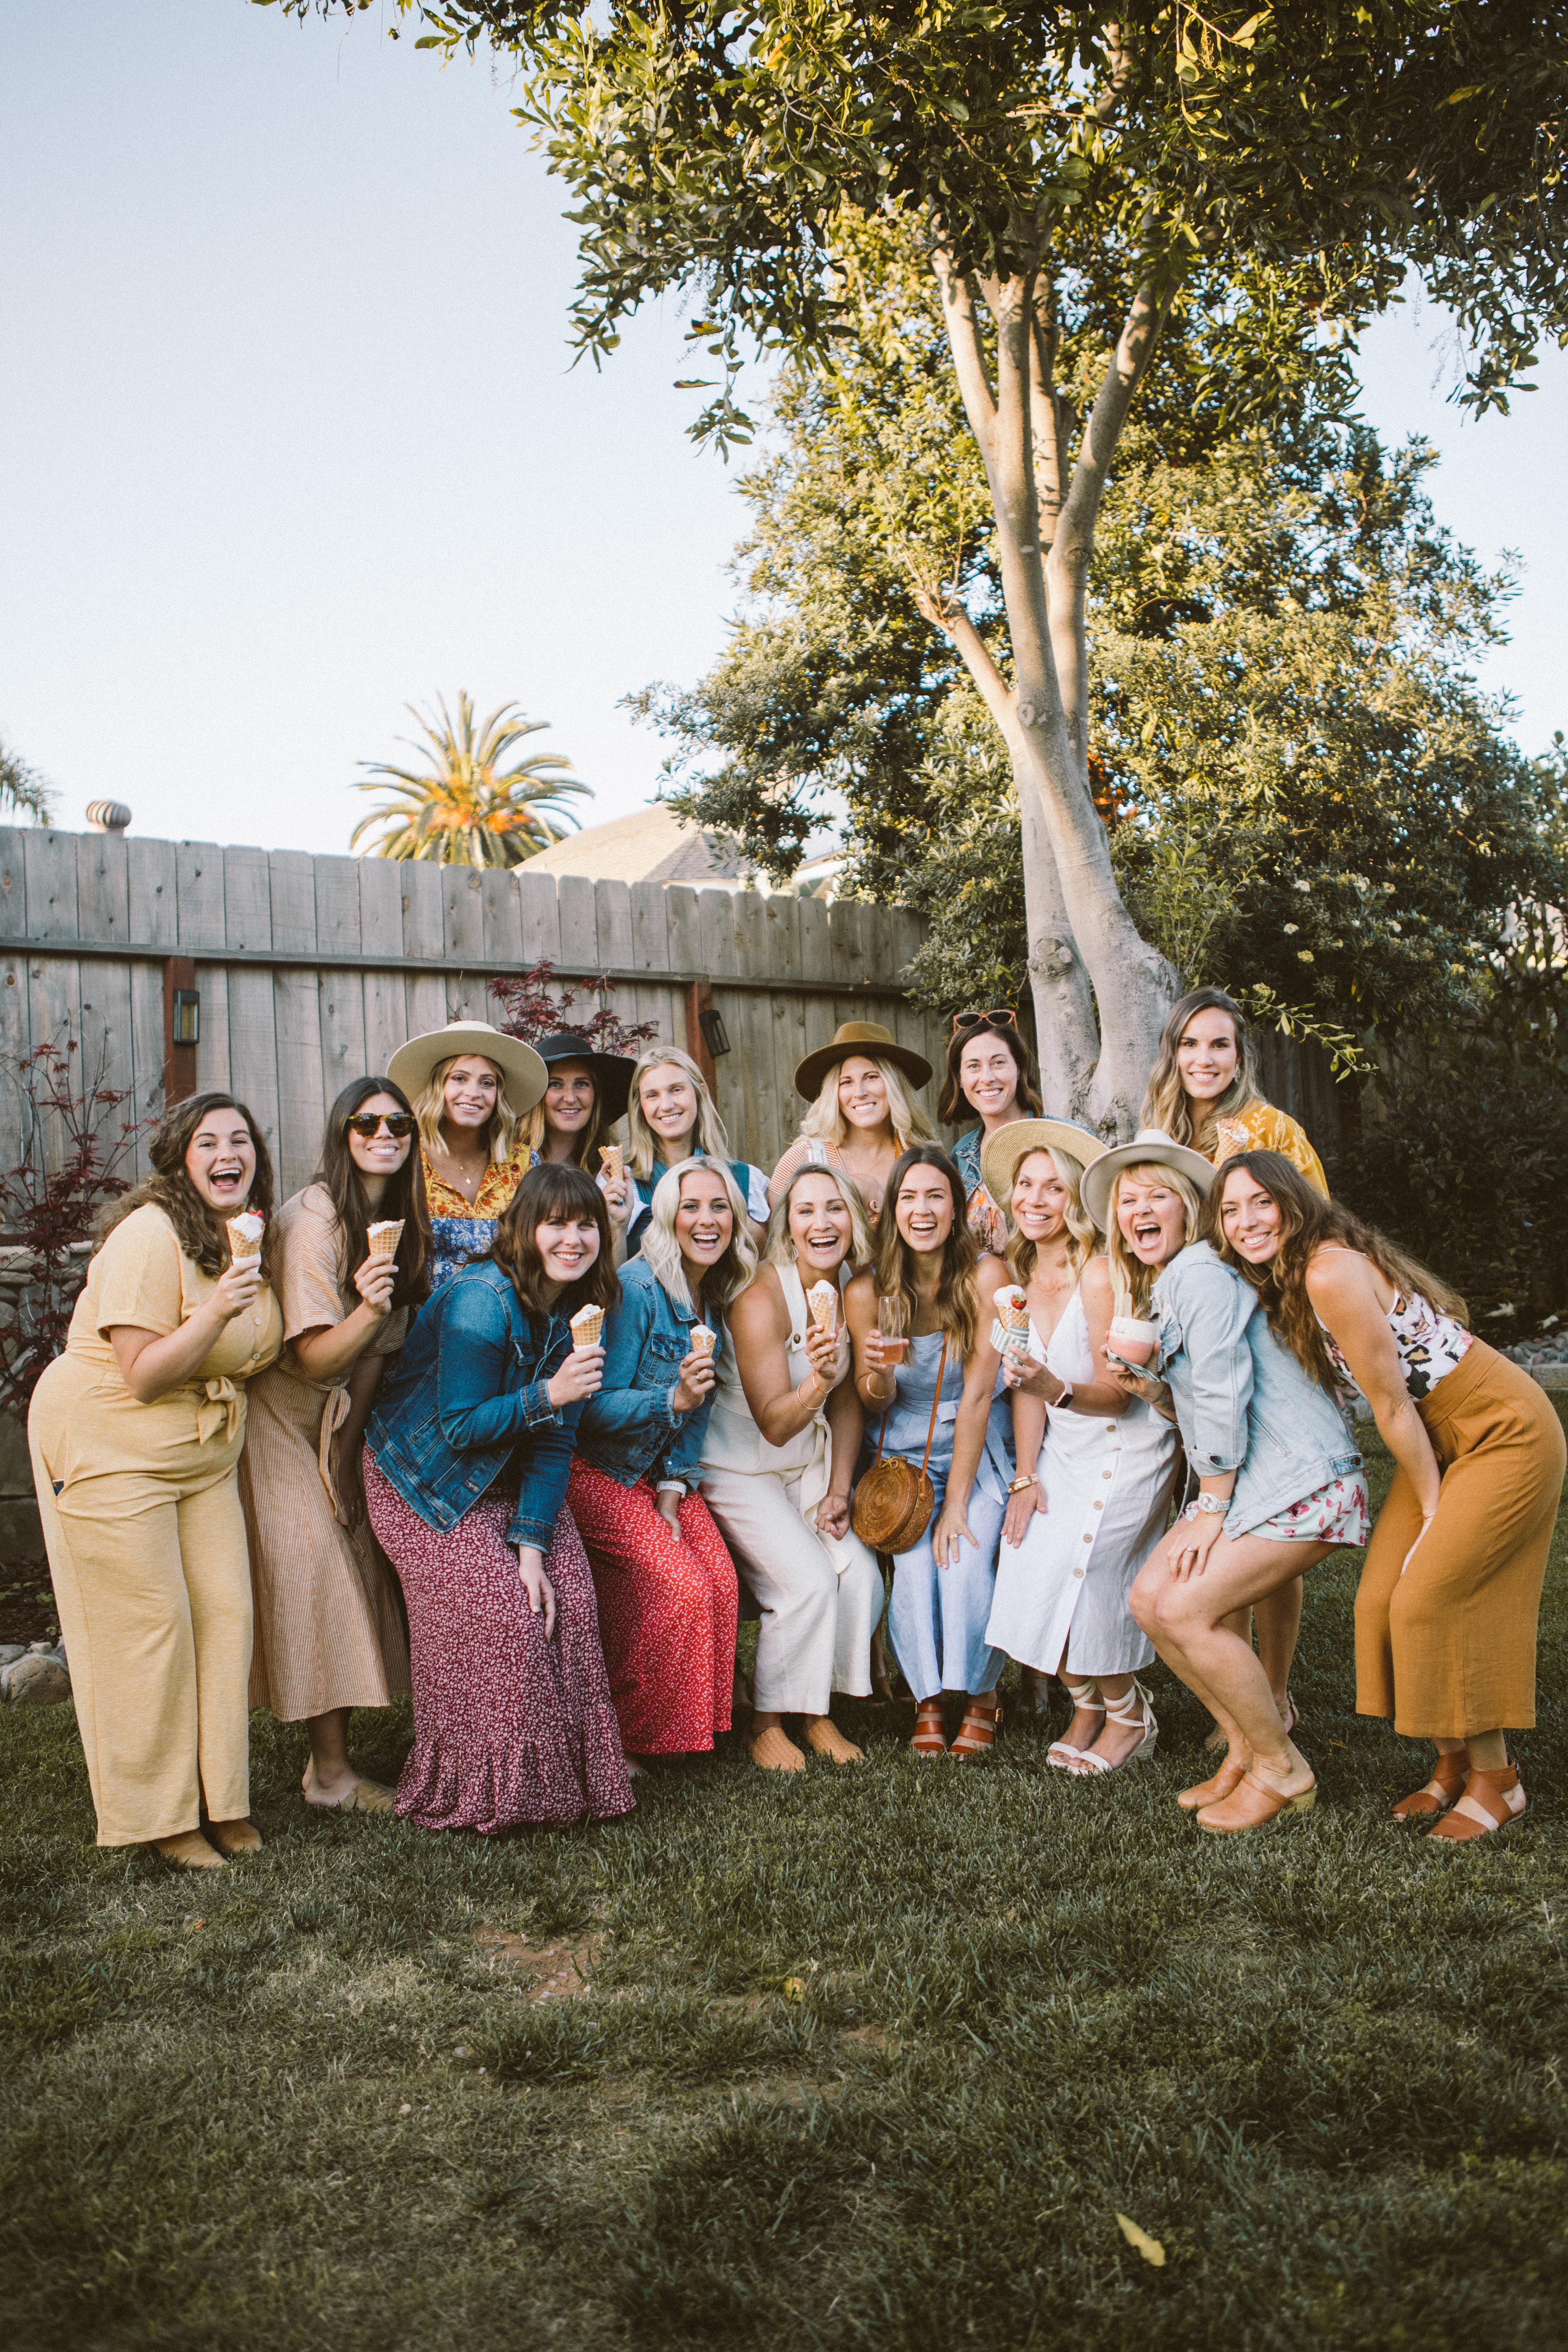 An Ice Cream Garden Party to Empower women